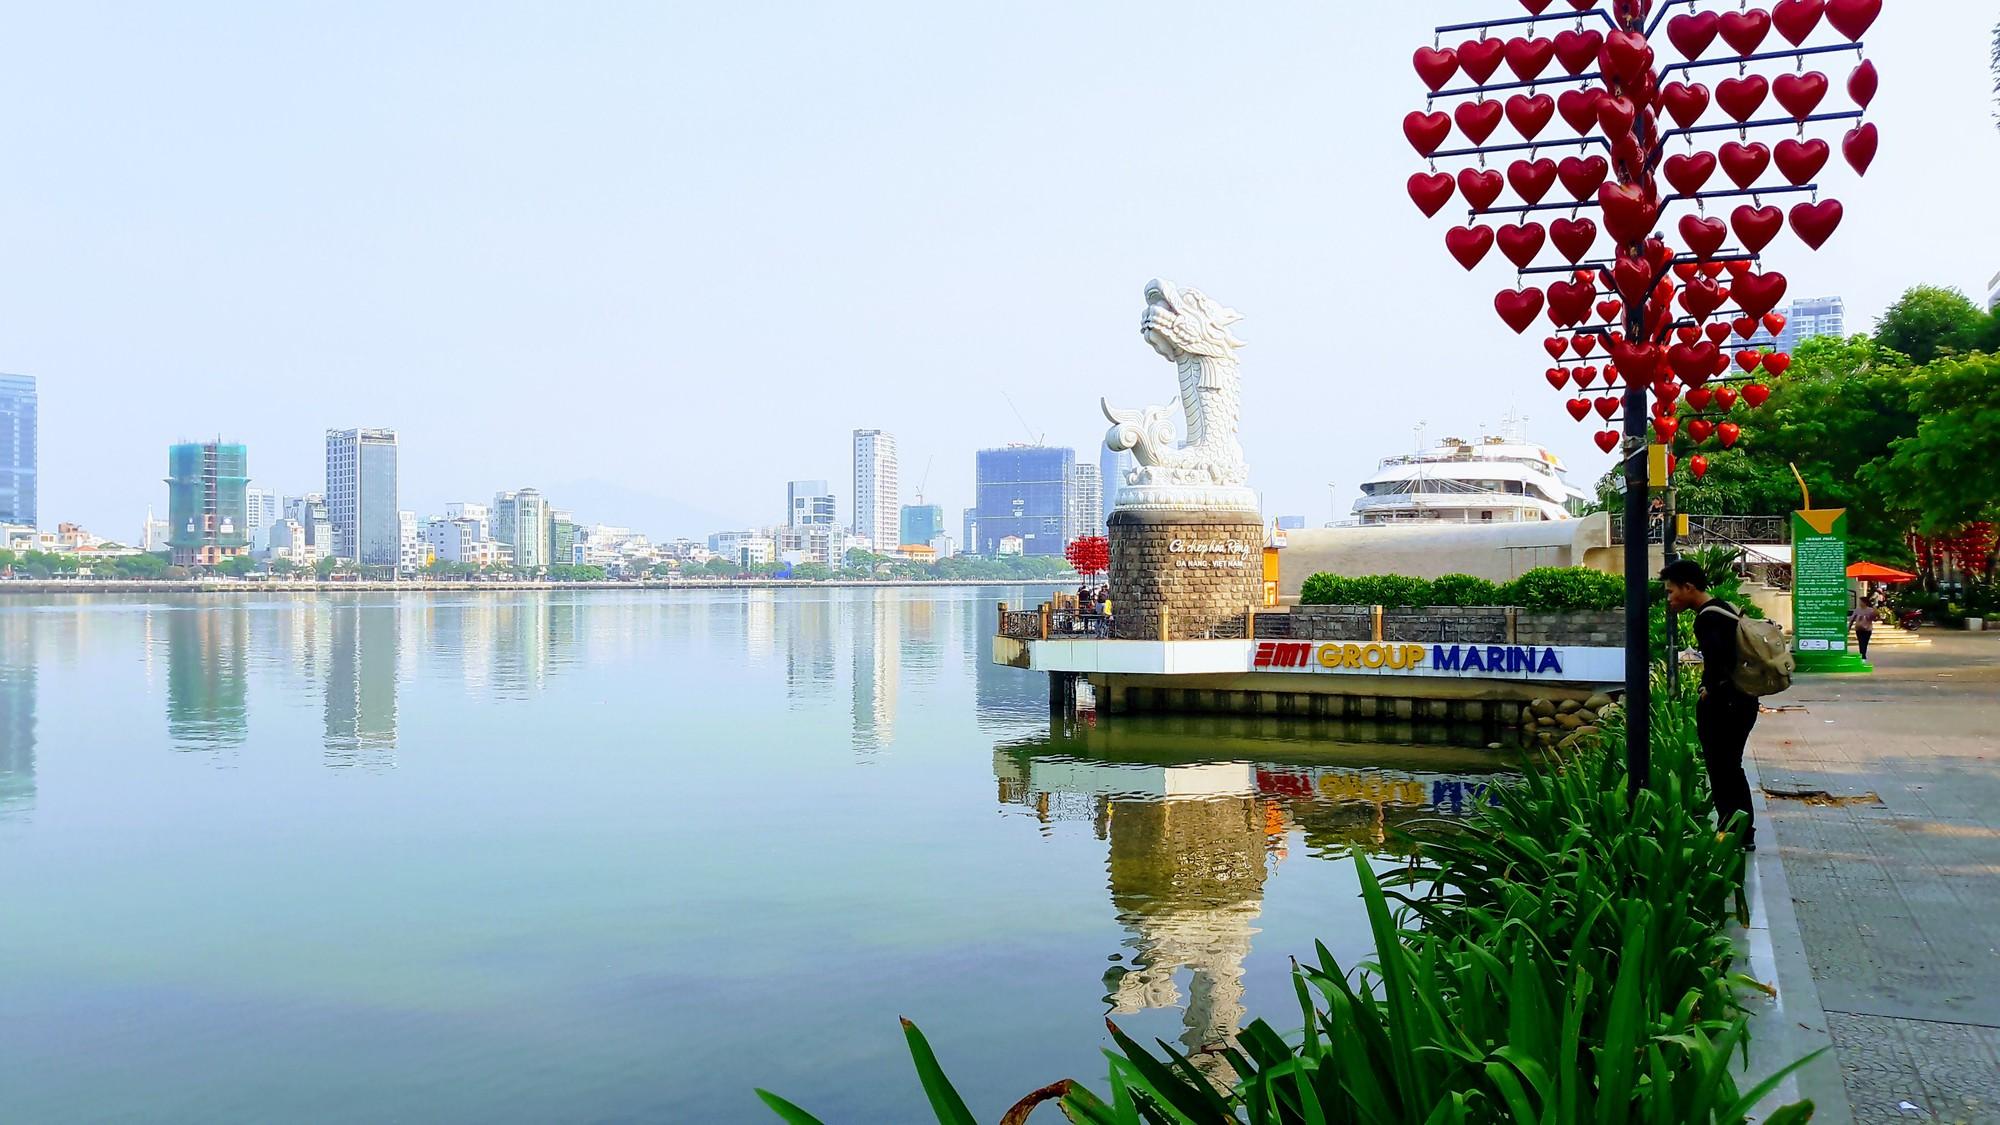 Vụ tạm dừng dự án Marina Complex ở Đà Nẵng: Cận cảnh những công trình, dự án dọc hai bờ sông Hàn hiện nay - Ảnh 8.